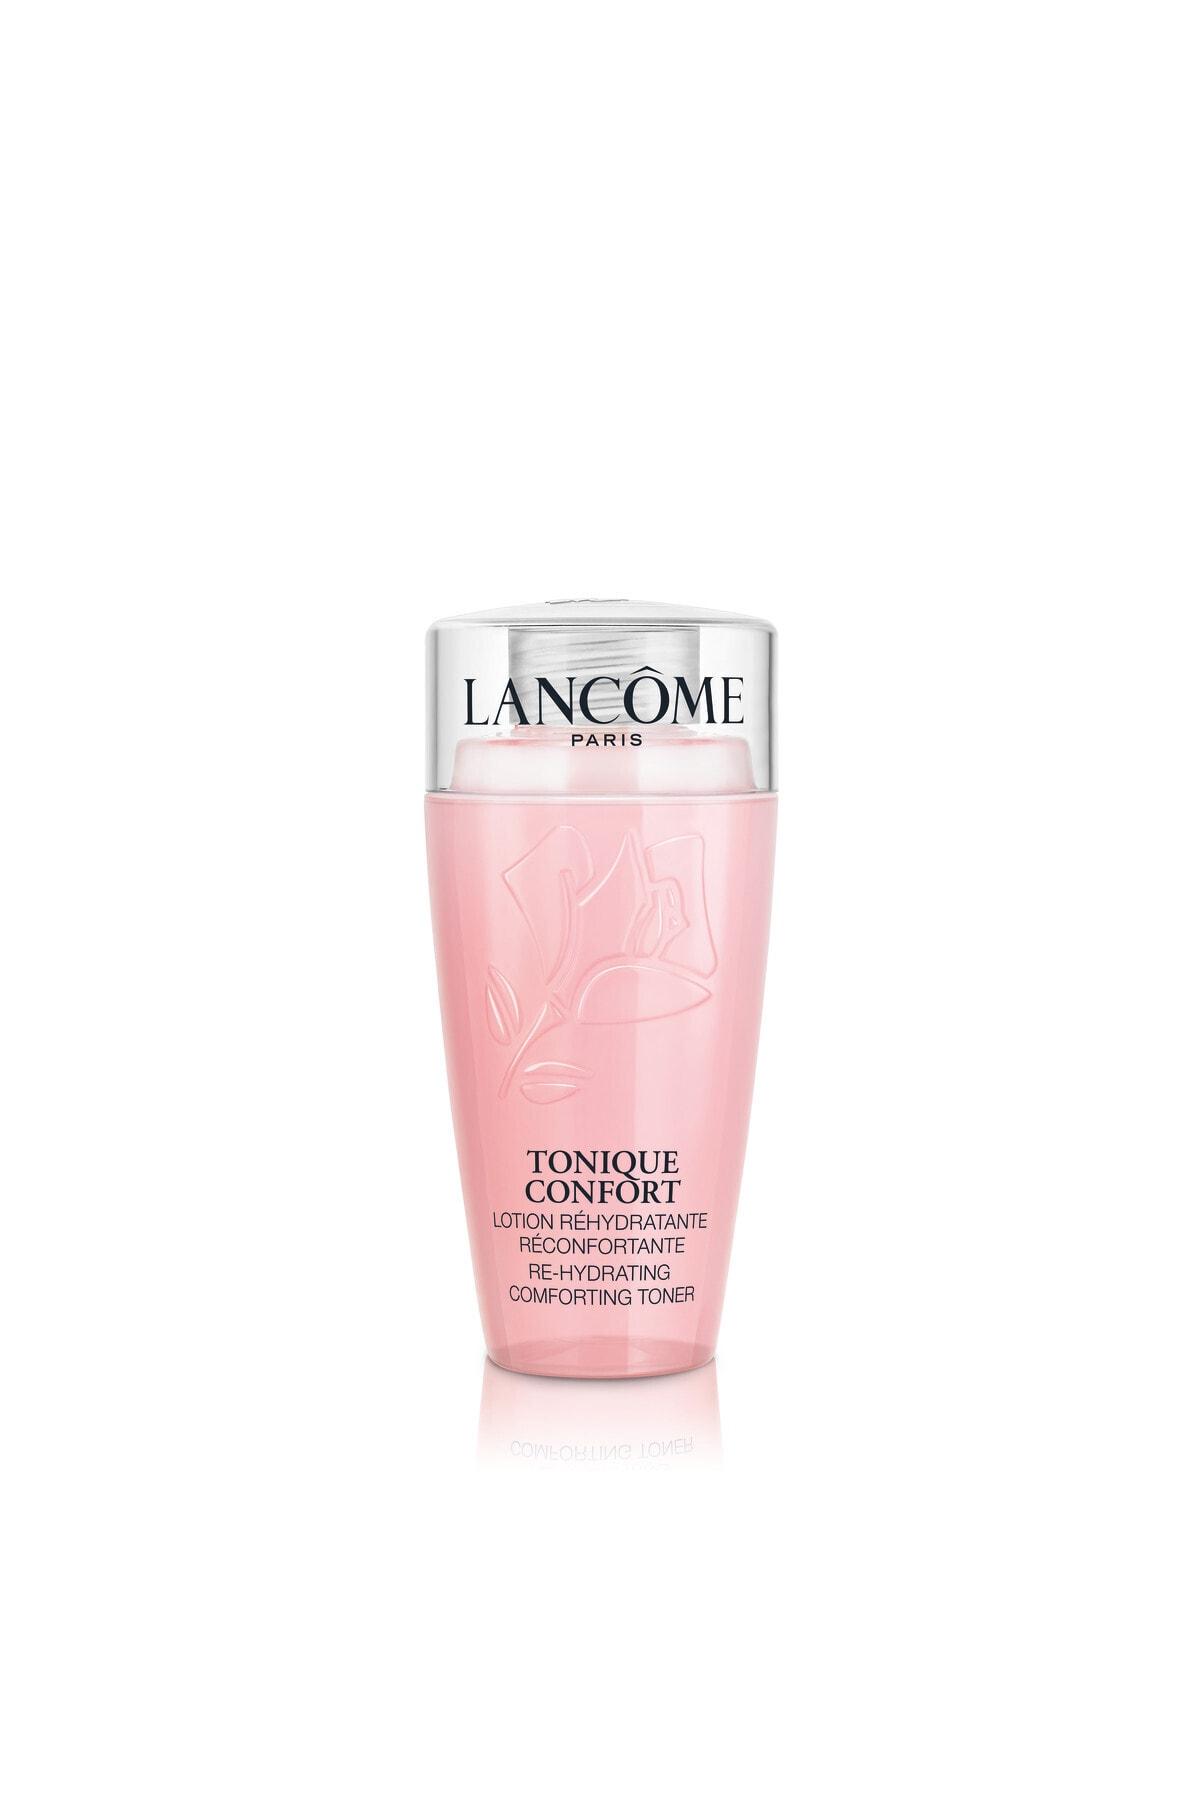 Lancome Tonique Confort Nemlendirici Ve Yatıştırıcı Tonik 75 Ml 30145573 1